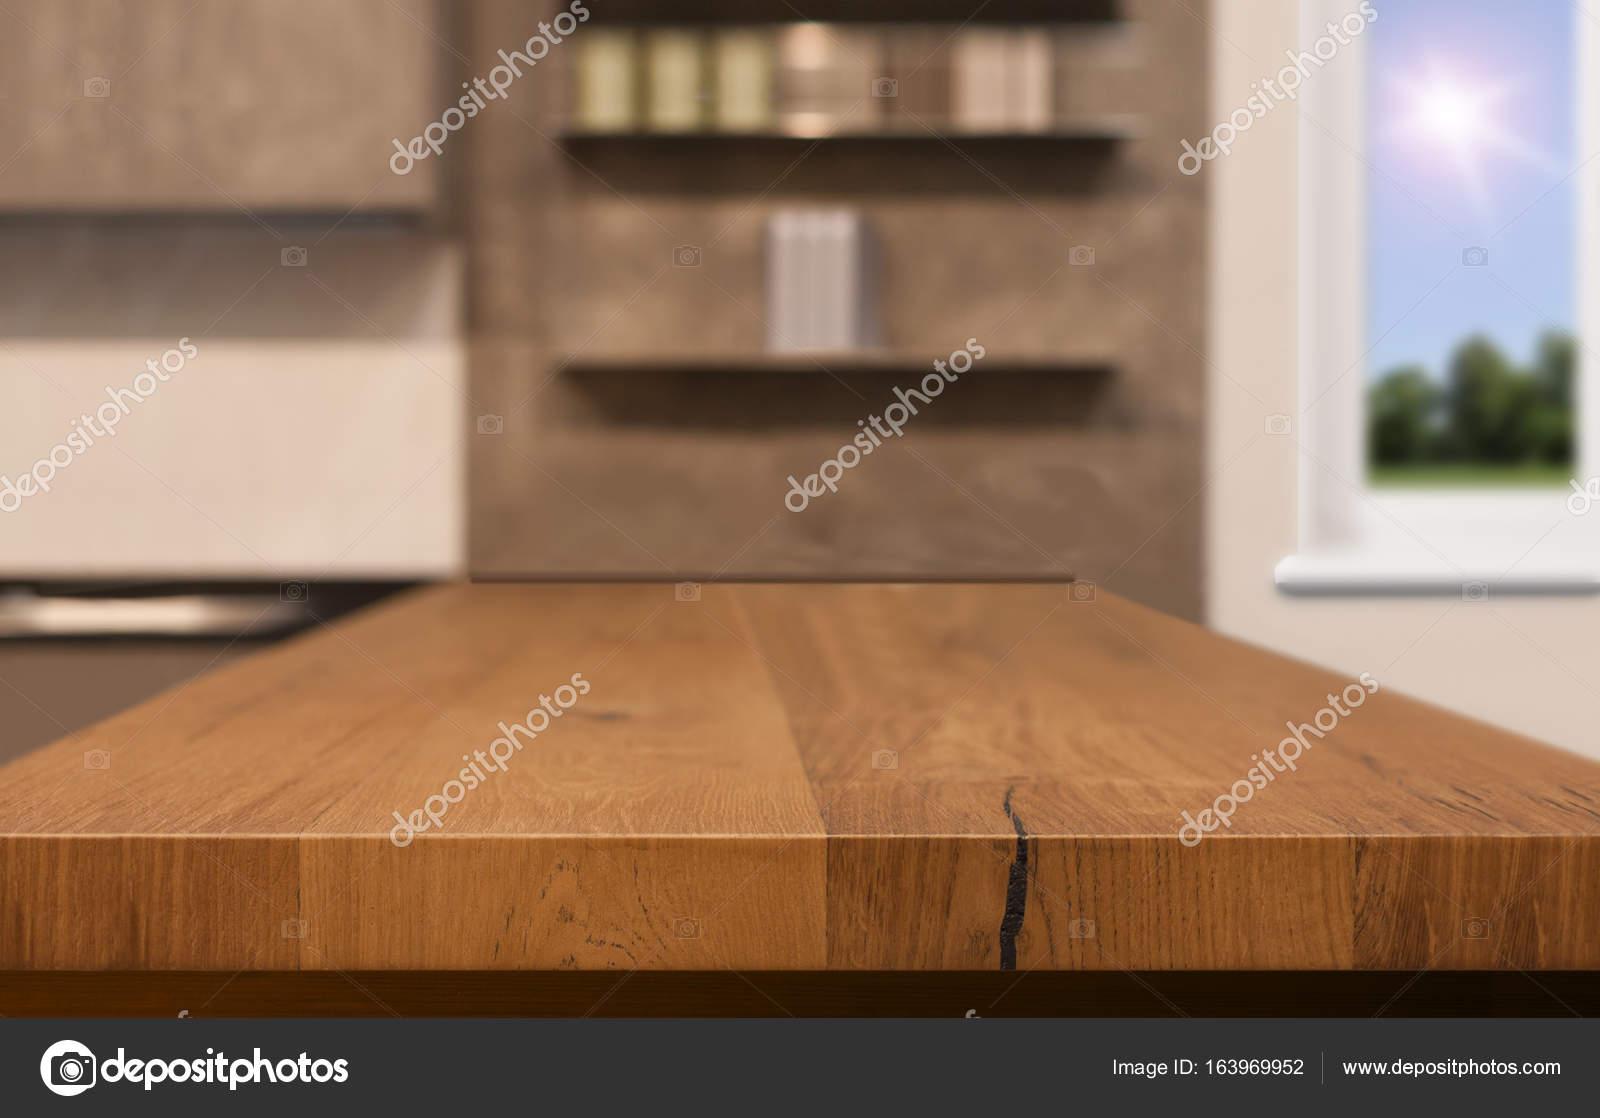 Holz Tischplatte als Kücheninsel auf Küche Hintergrund weichzeichnen ...